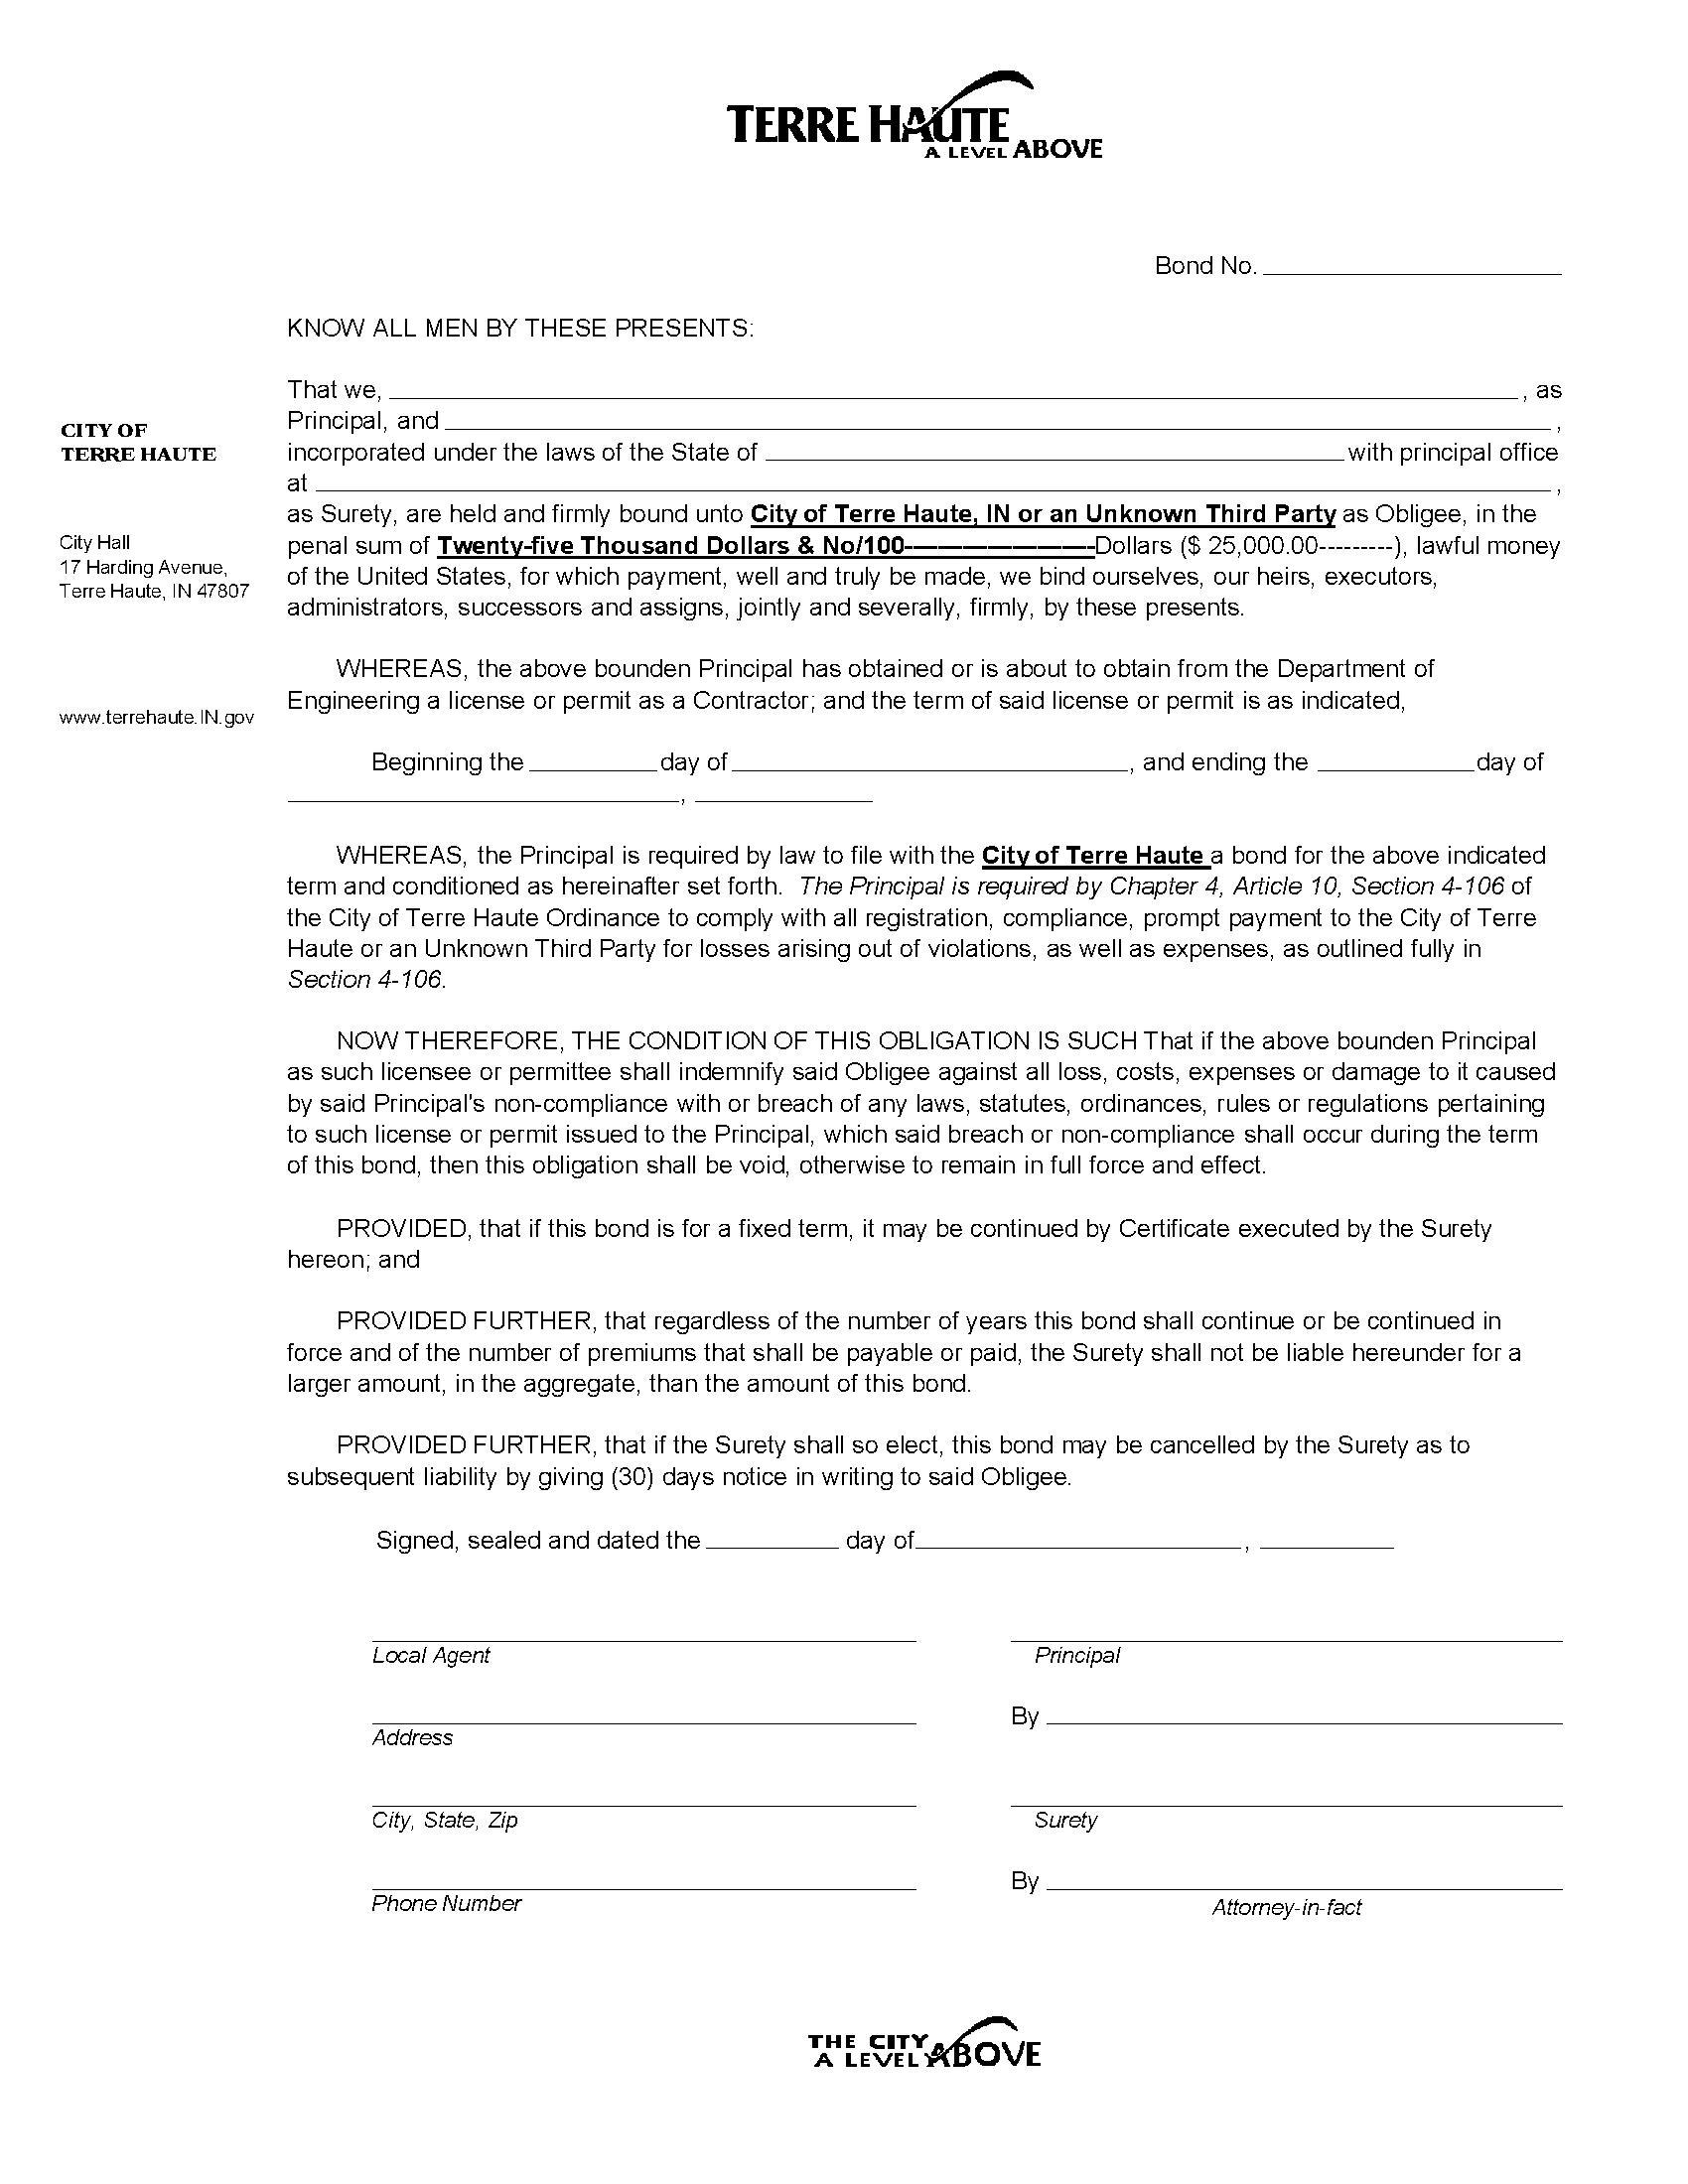 Terre Haute - City Contractor's License/Permit sample image